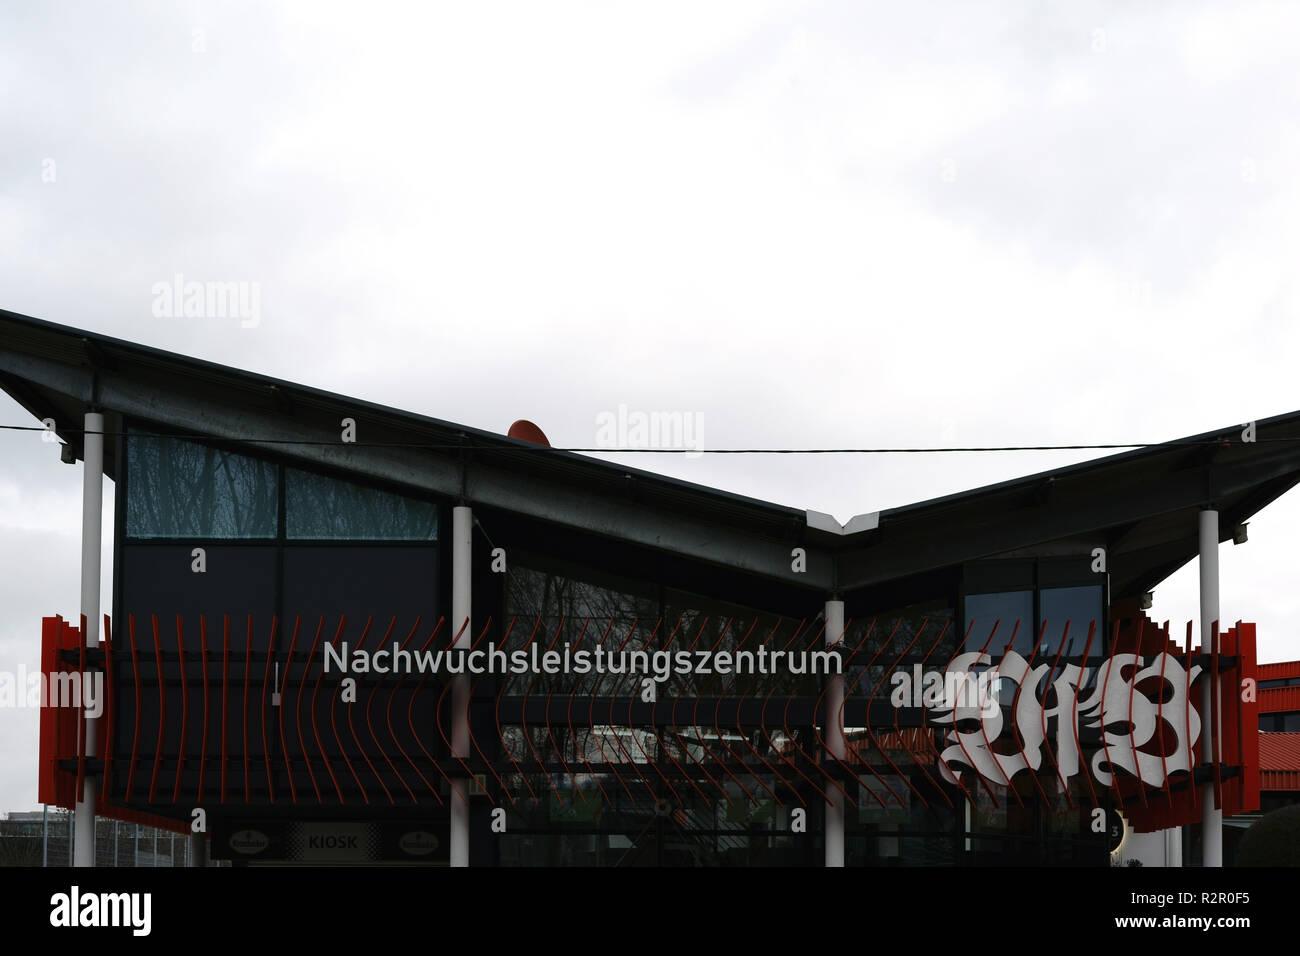 Nachwuchsleistungszentrum' (youth academy) of VFB Stuttgart football club at Mercedes-Benz Arena, Stuttgart - Stock Image